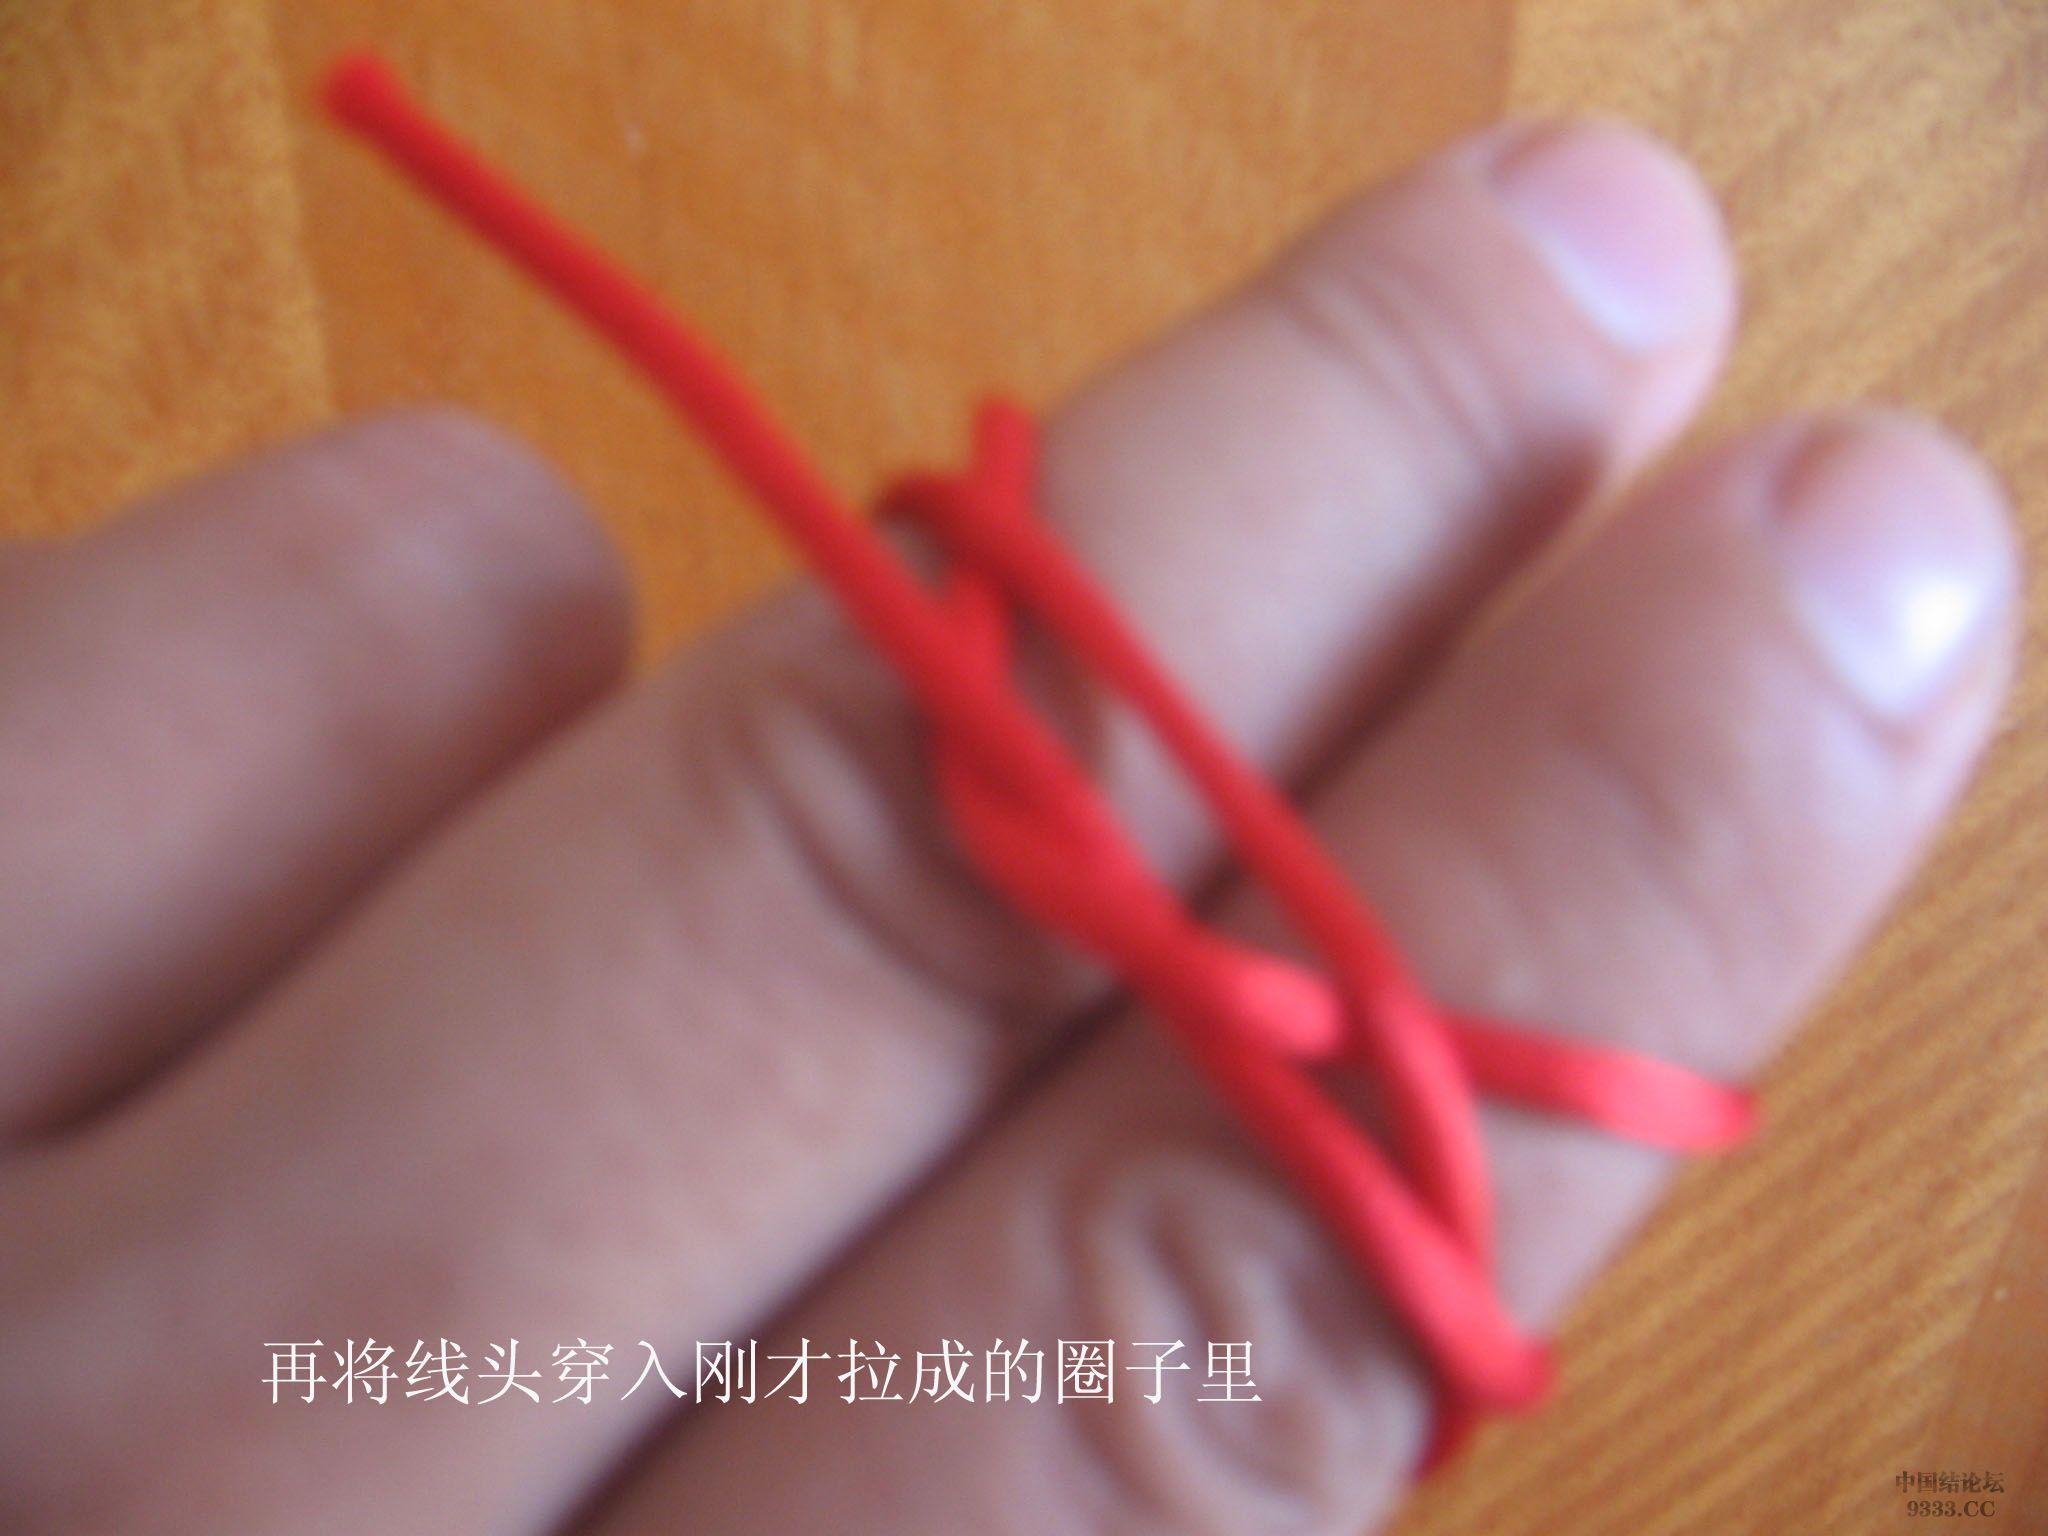 中国结论坛 原创-双钱结的快速编制方法 双钱结 基本结-新手入门必看 0907240955917e27a0ccbb57c1